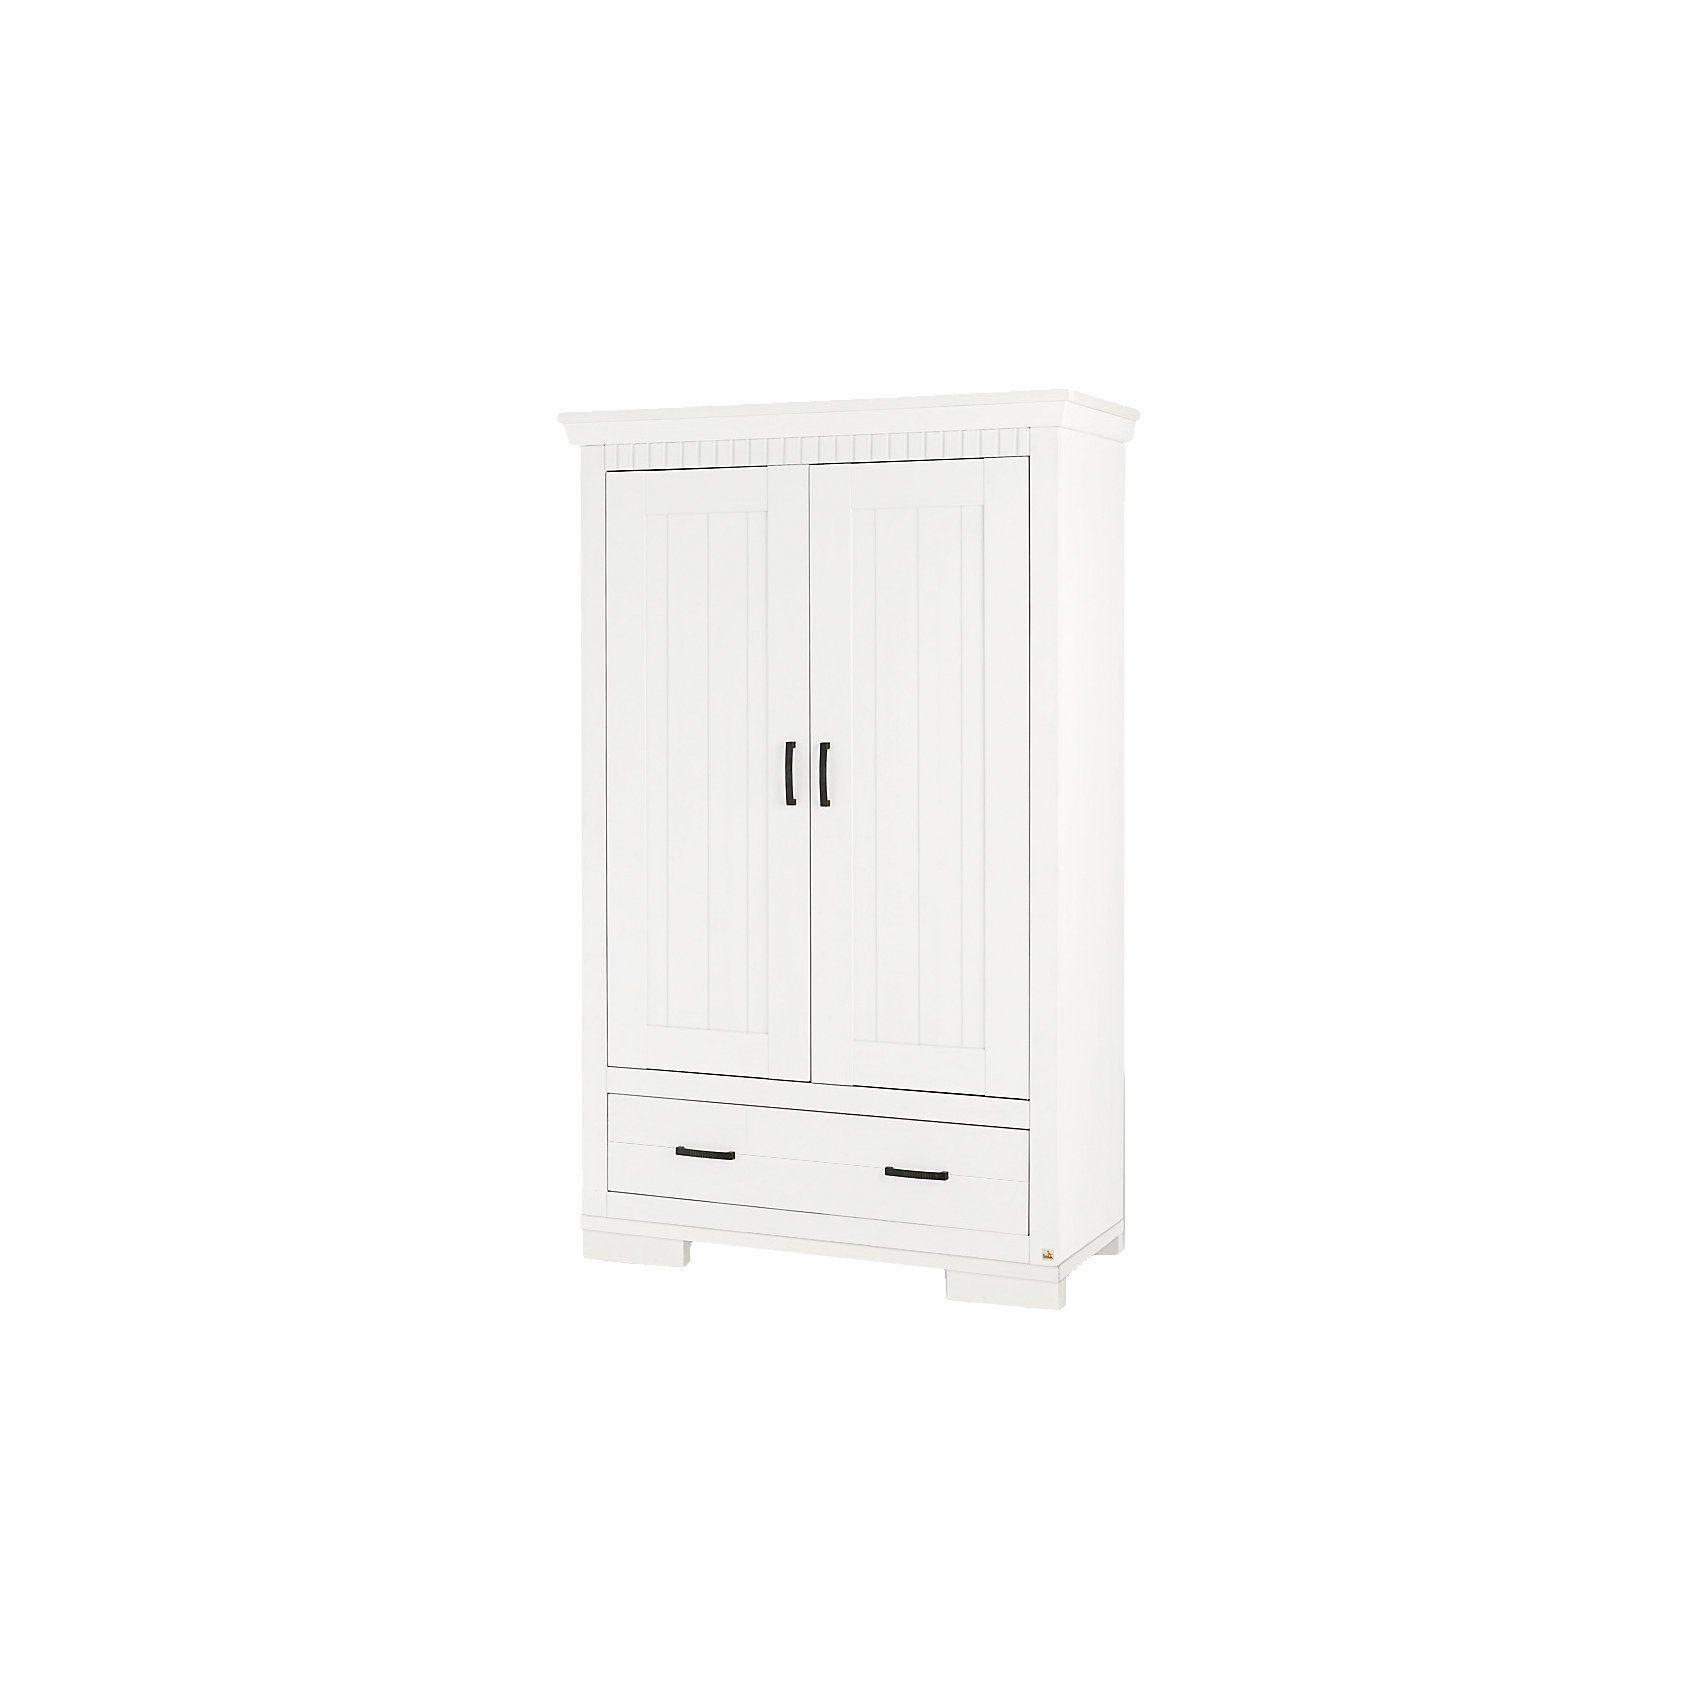 Pinolino Kleiderschrank SKROLLAN 2-trg., MDF weiß